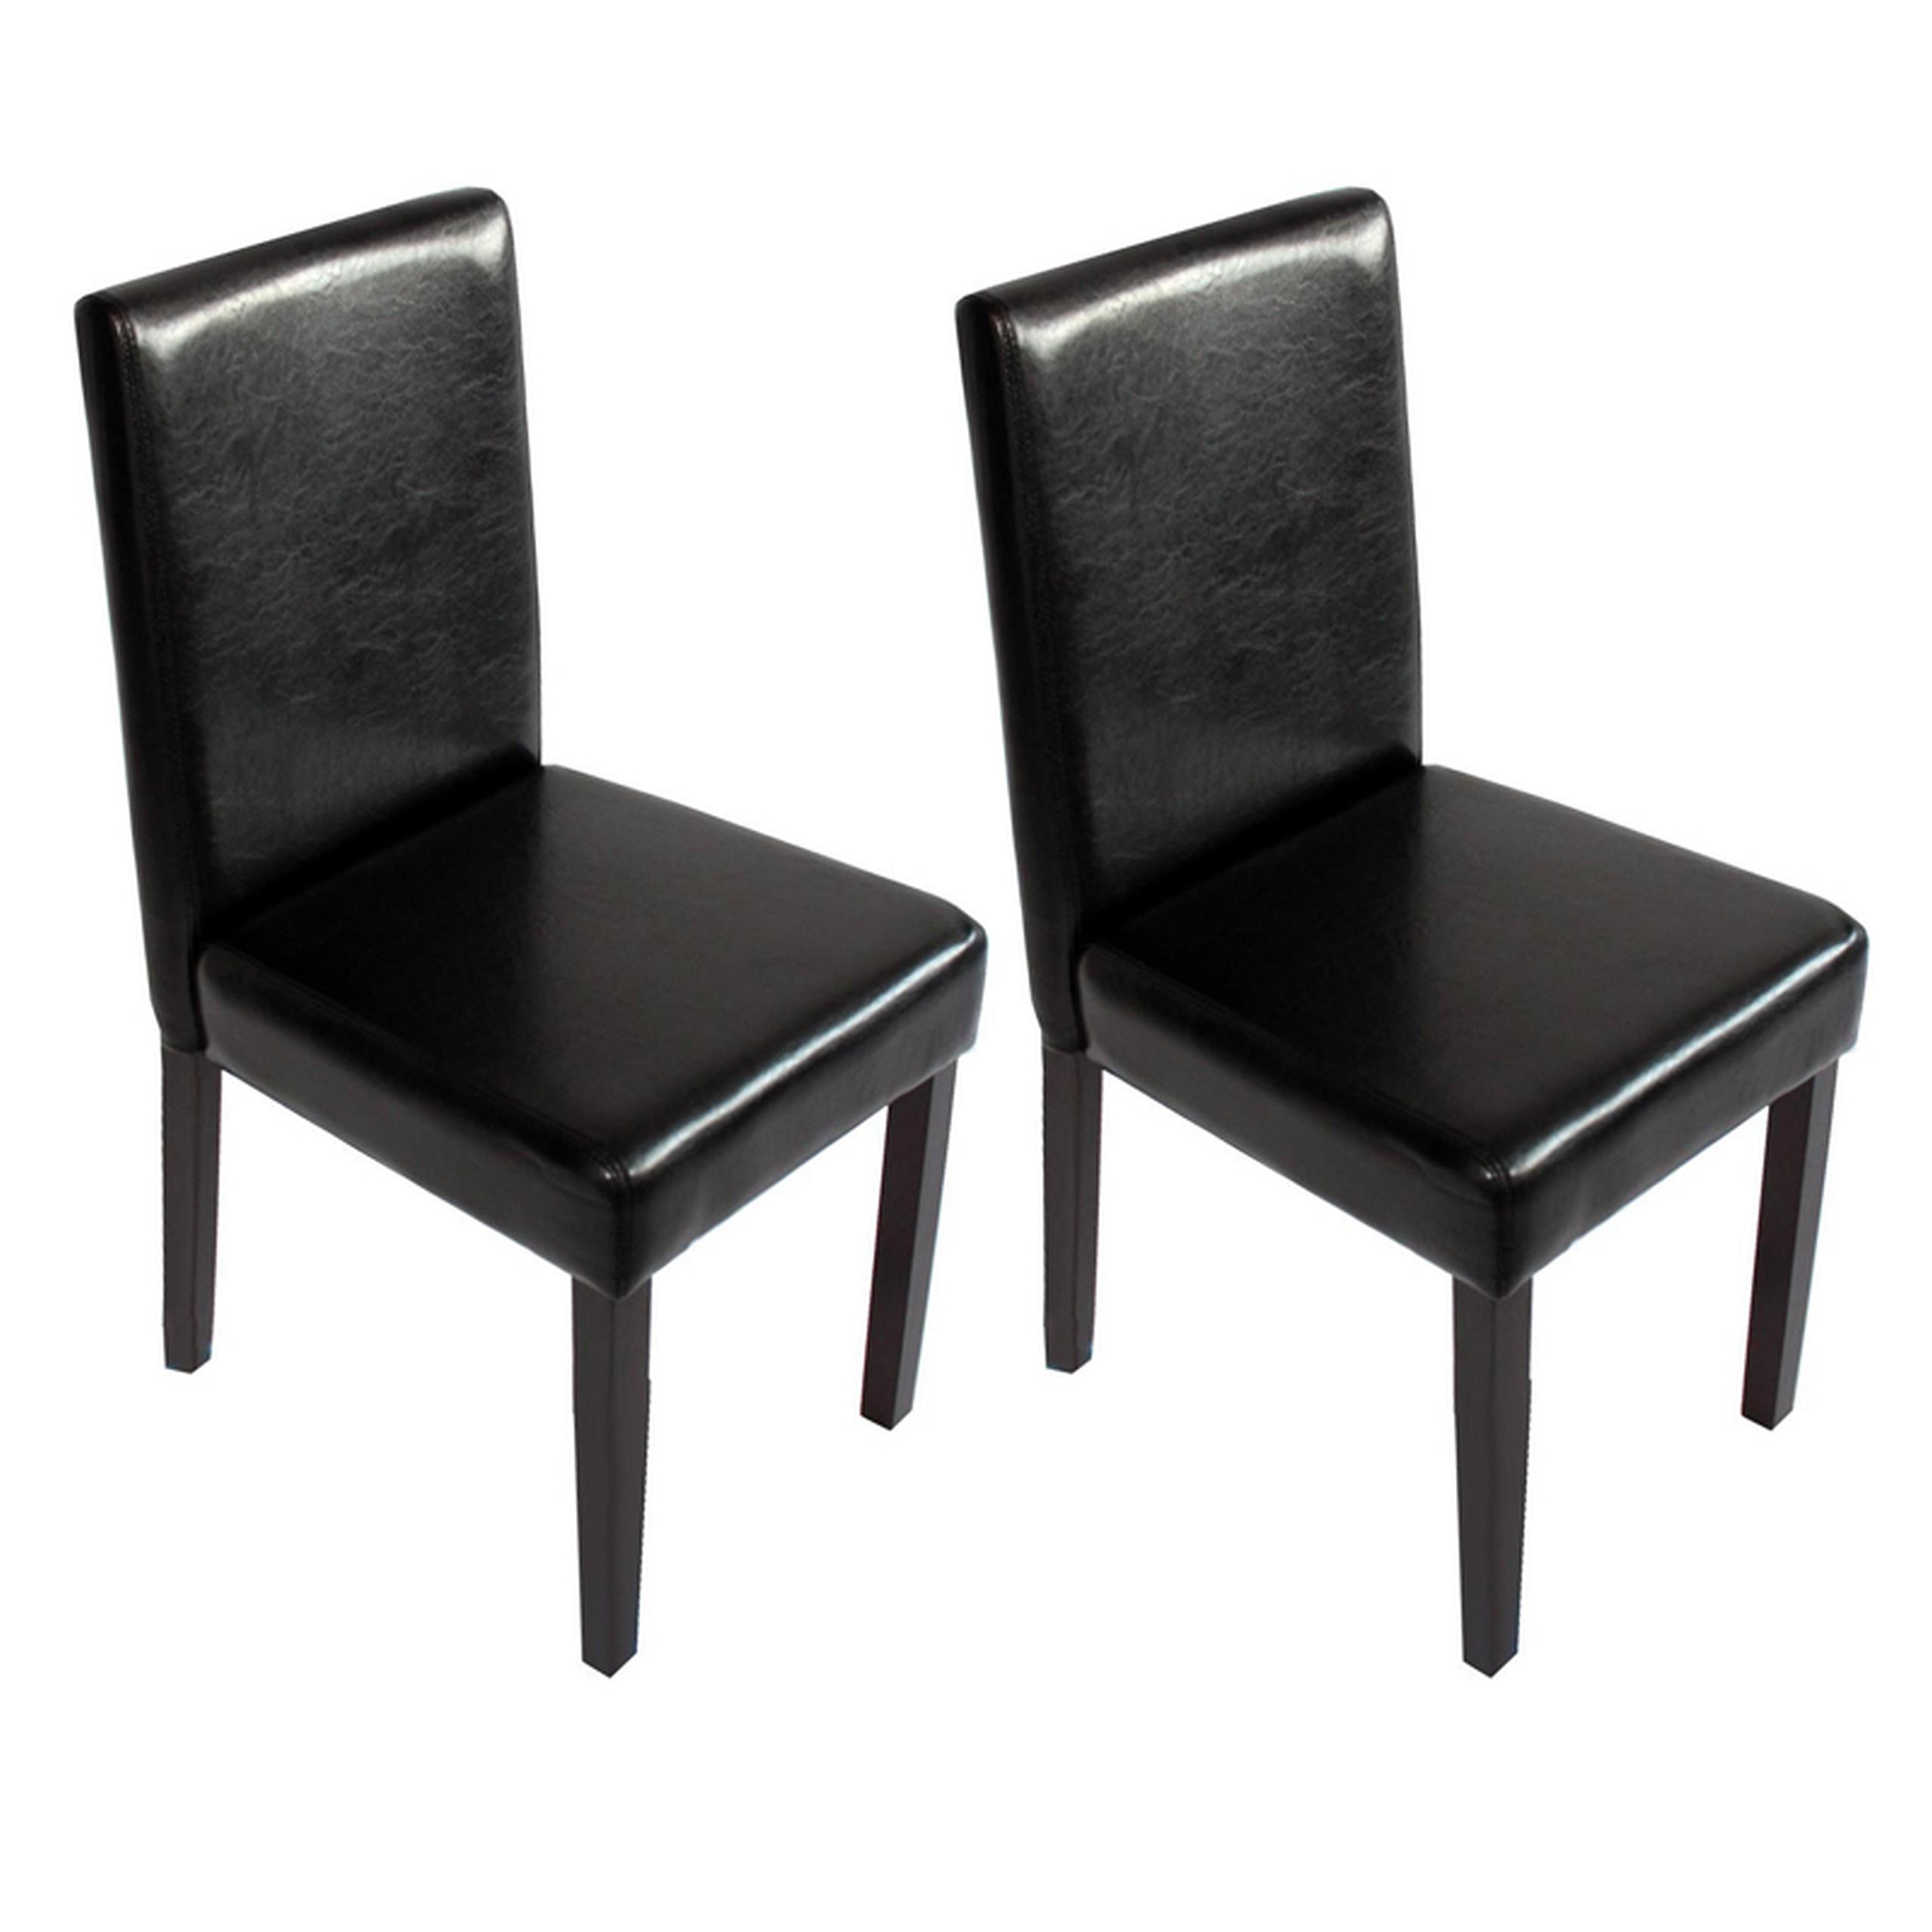 2x esszimmerstuhl stuhl lehnstuhl littau kunstleder for Esszimmerstuhl schwarz kunstleder